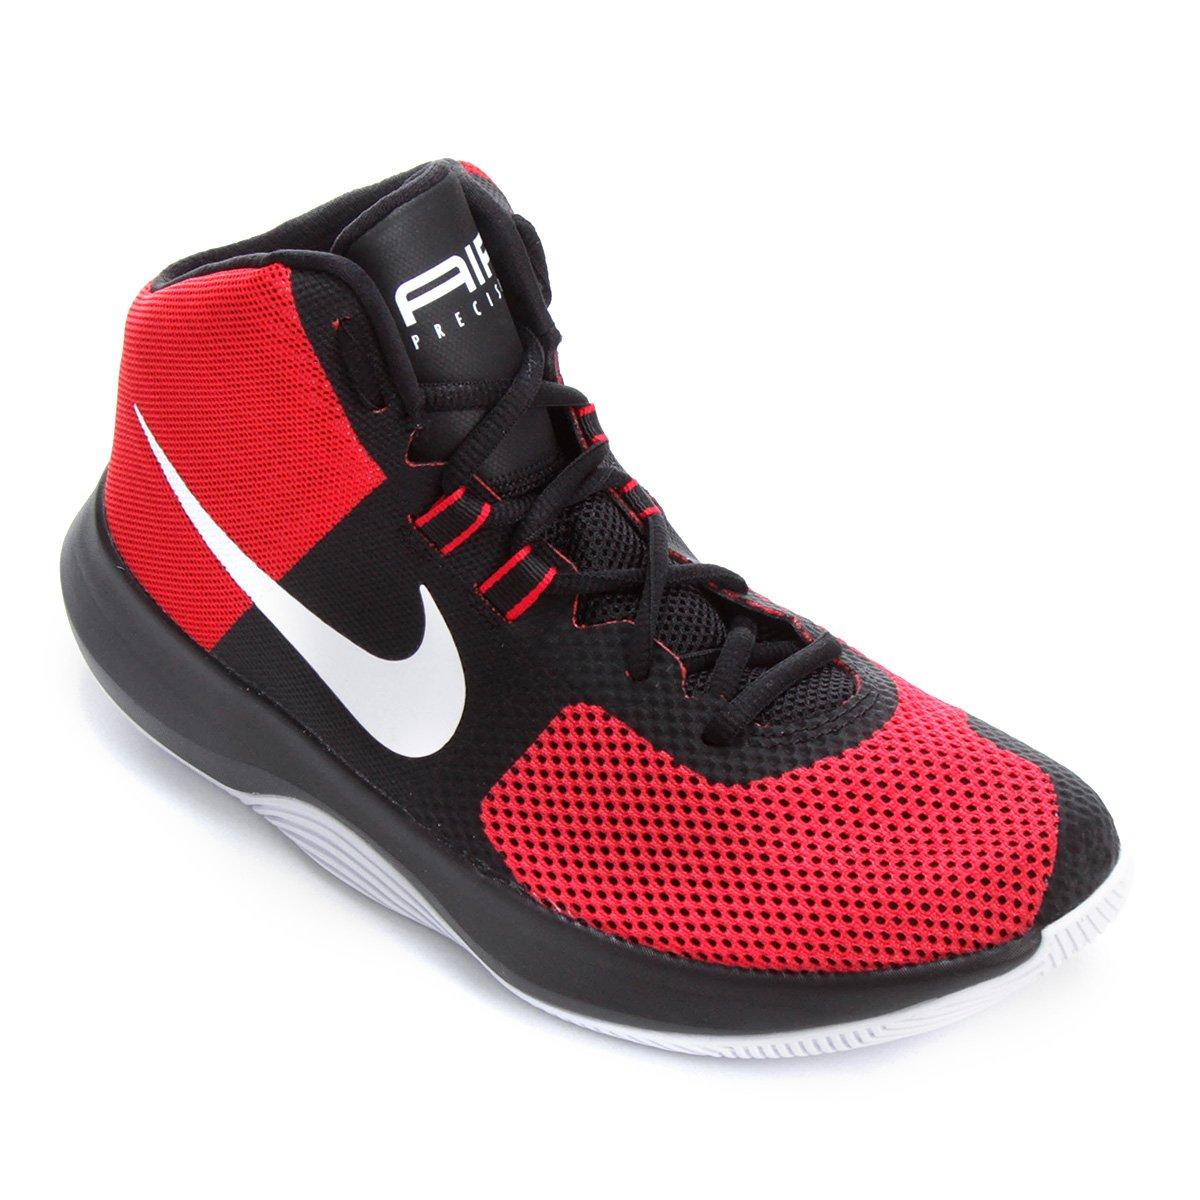 b2a46e3fd75 Tênis Cano Alto Nike Air Precision Masculino - Vermelho e Preto - Compre  Agora